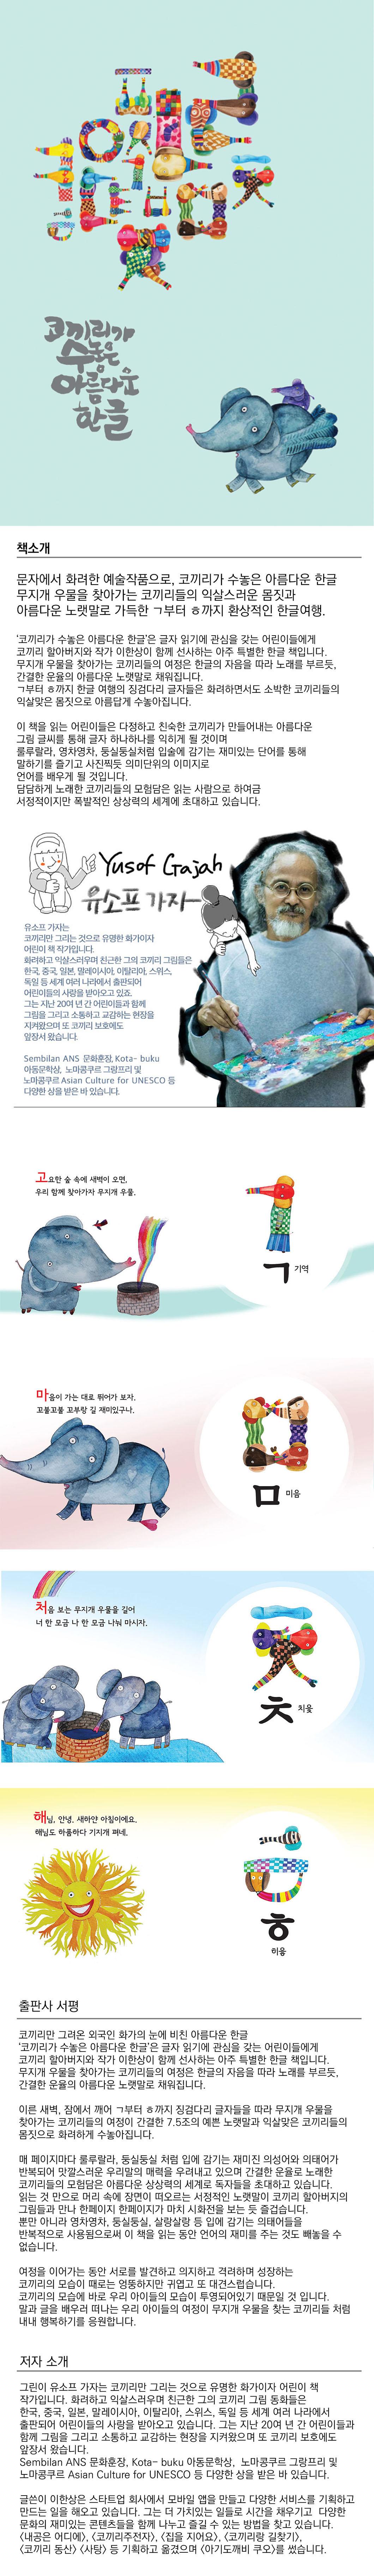 코끼리가수놓은아름다운한글_상품설명.jpg